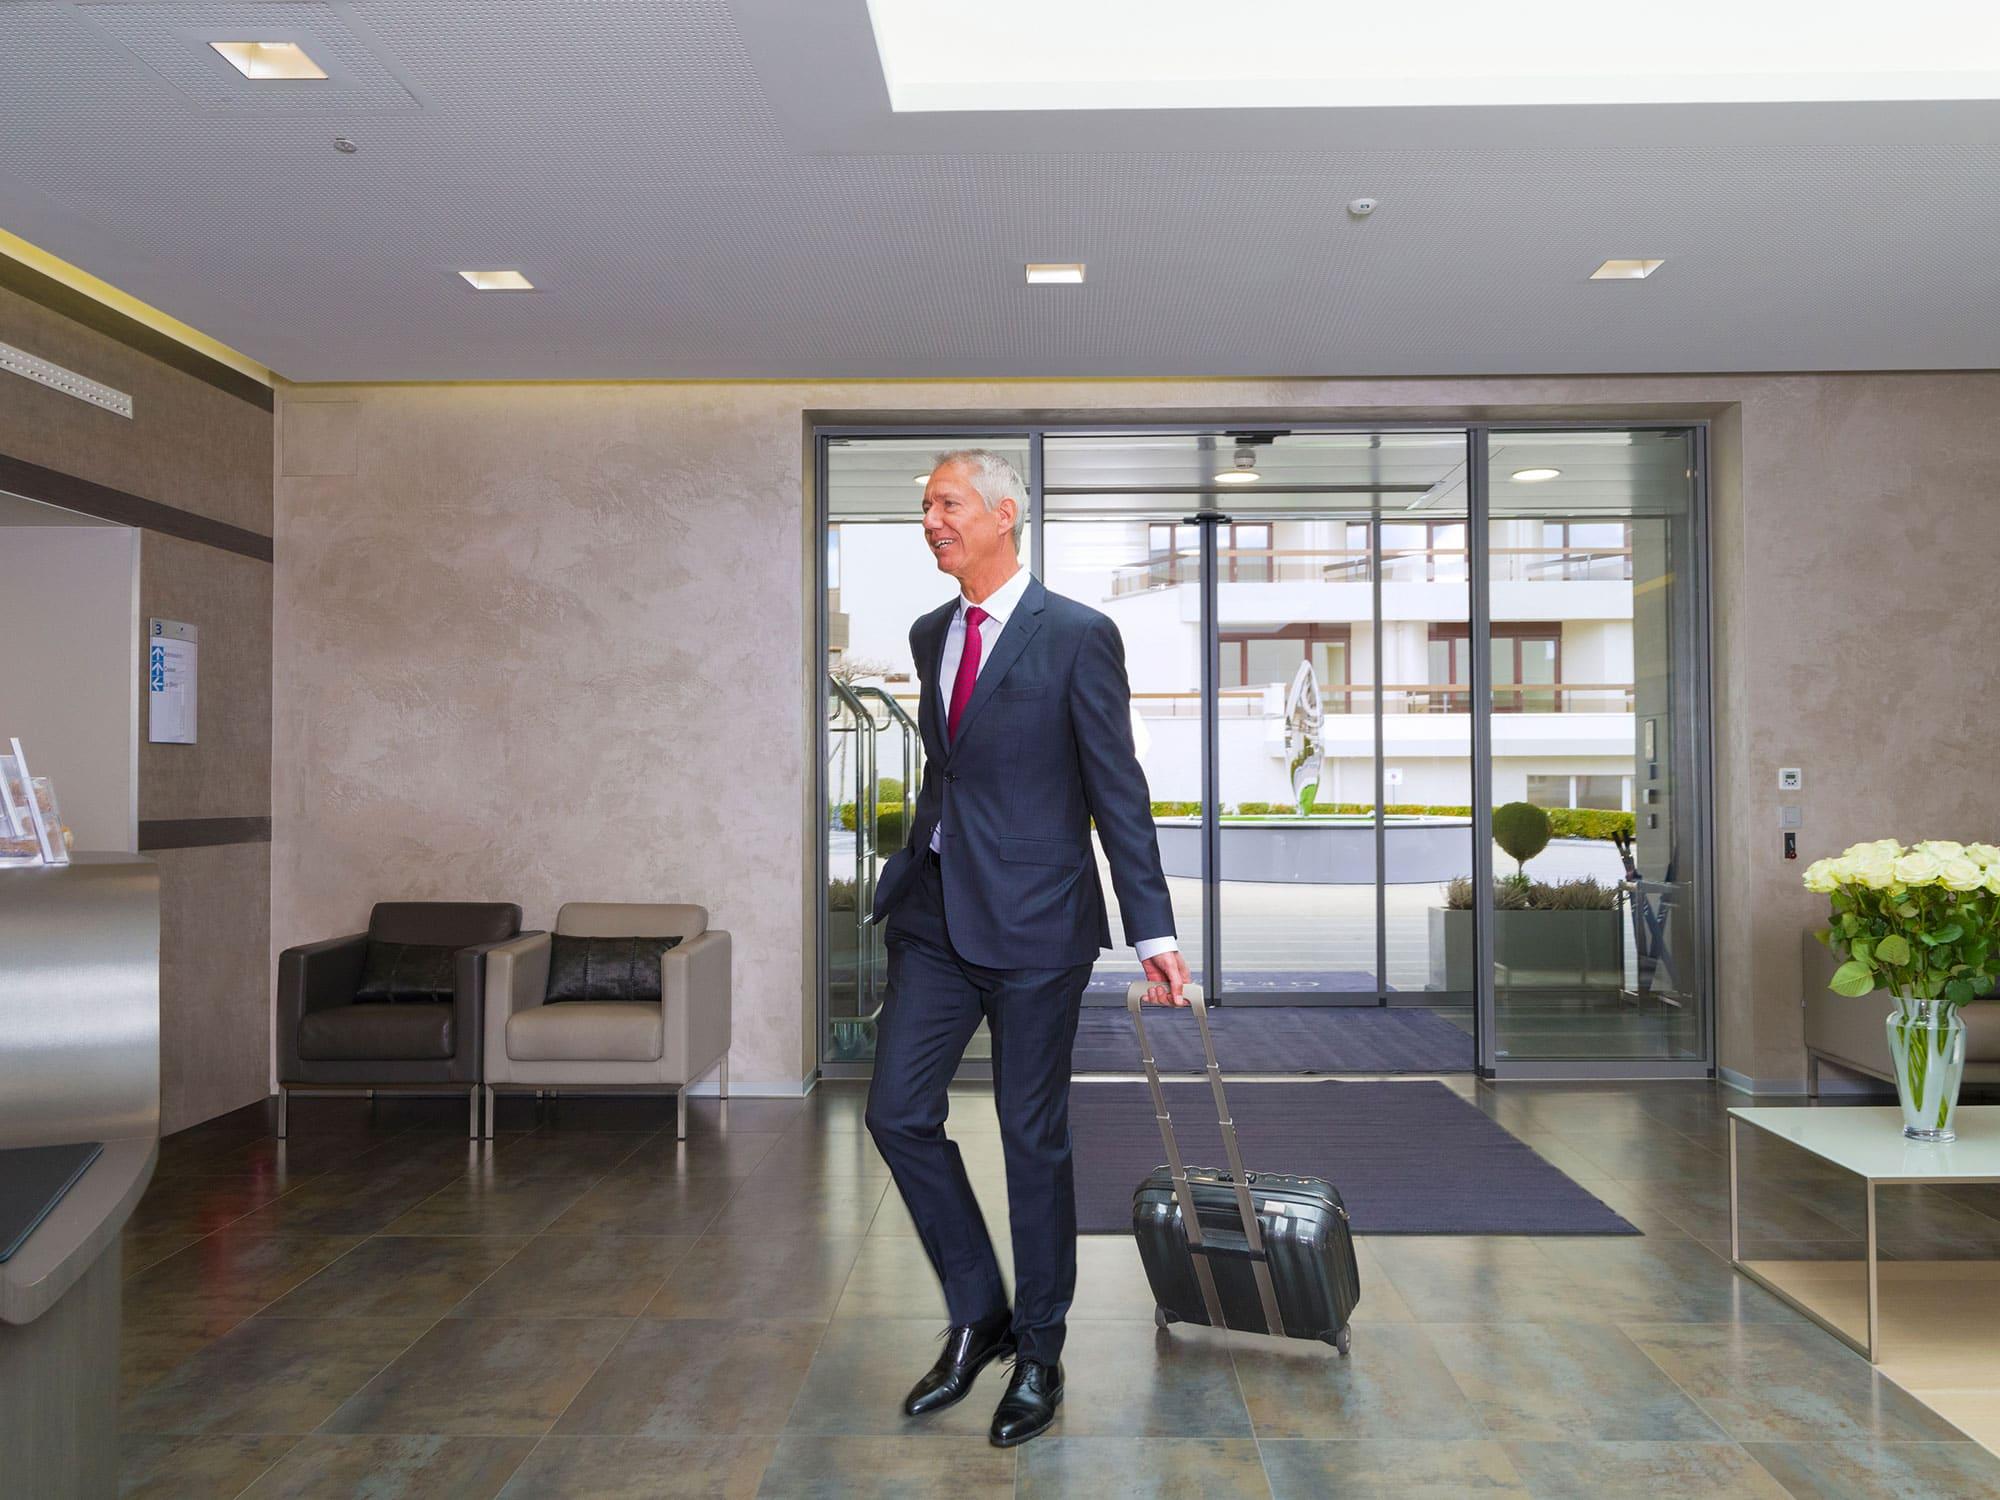 photo corporate d'un client homme arrivant à l'hôpital